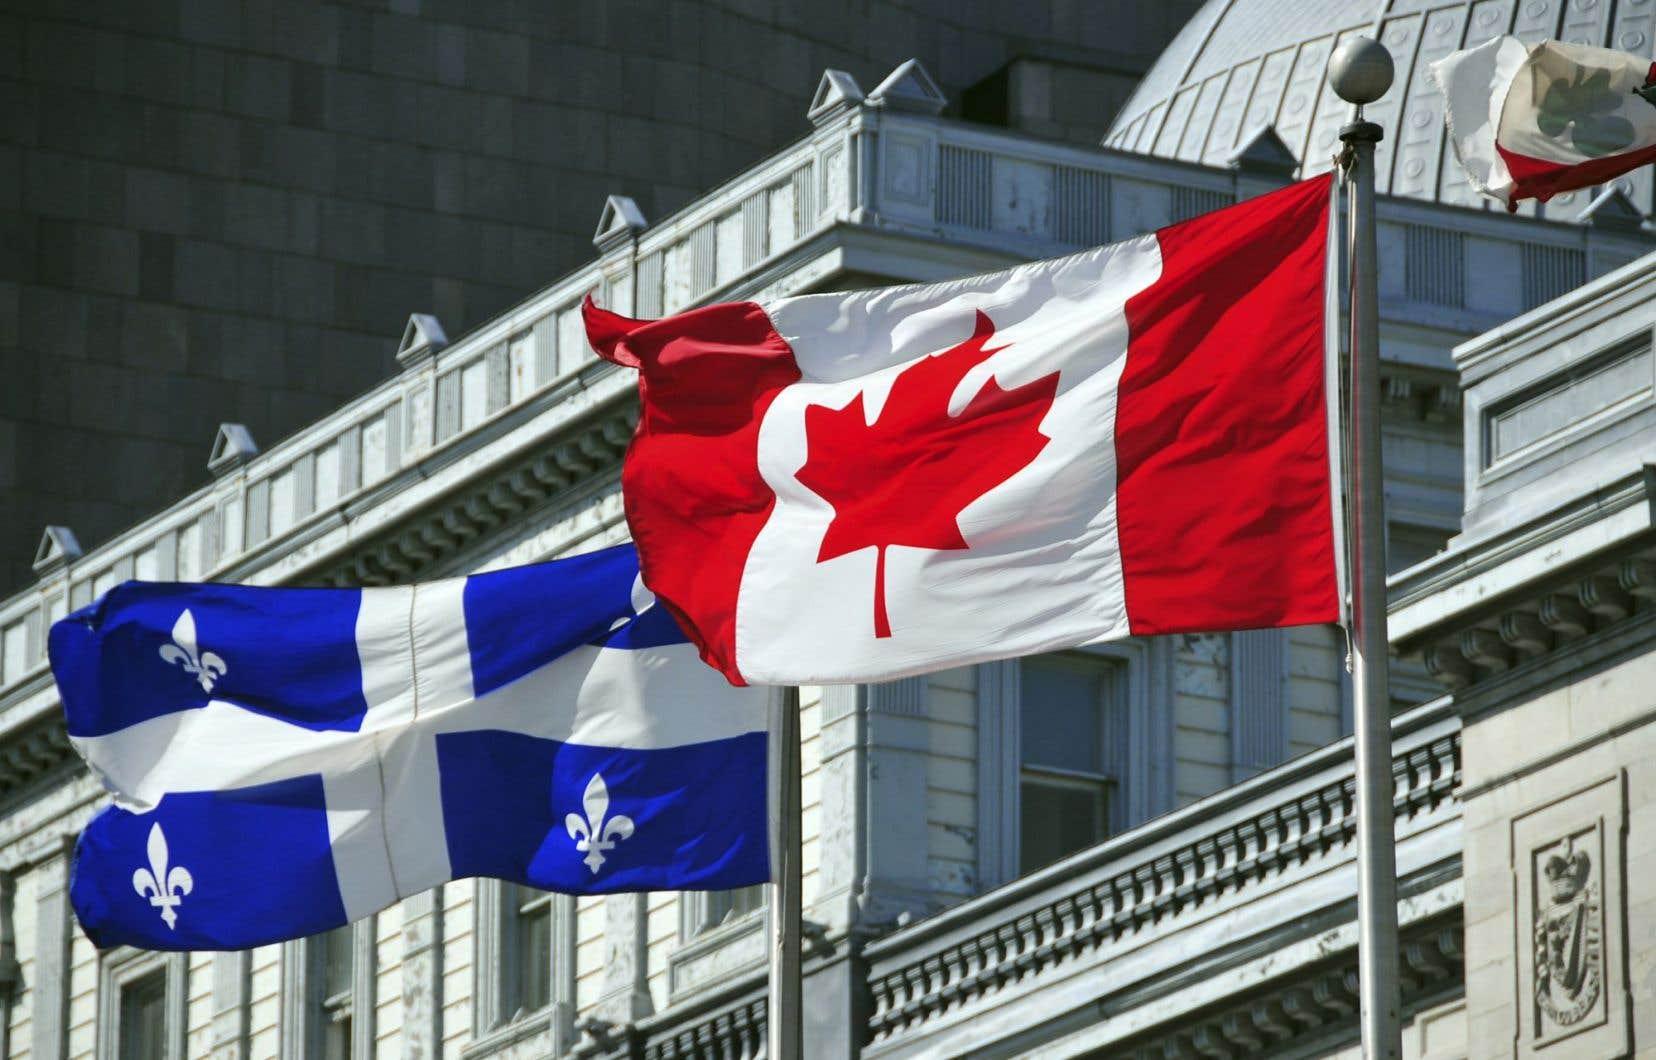 «Statistique Canada gonfle le nombre de francoplops au Canada, en particulier à l'extérieur du Québec» affirme l'auteur.